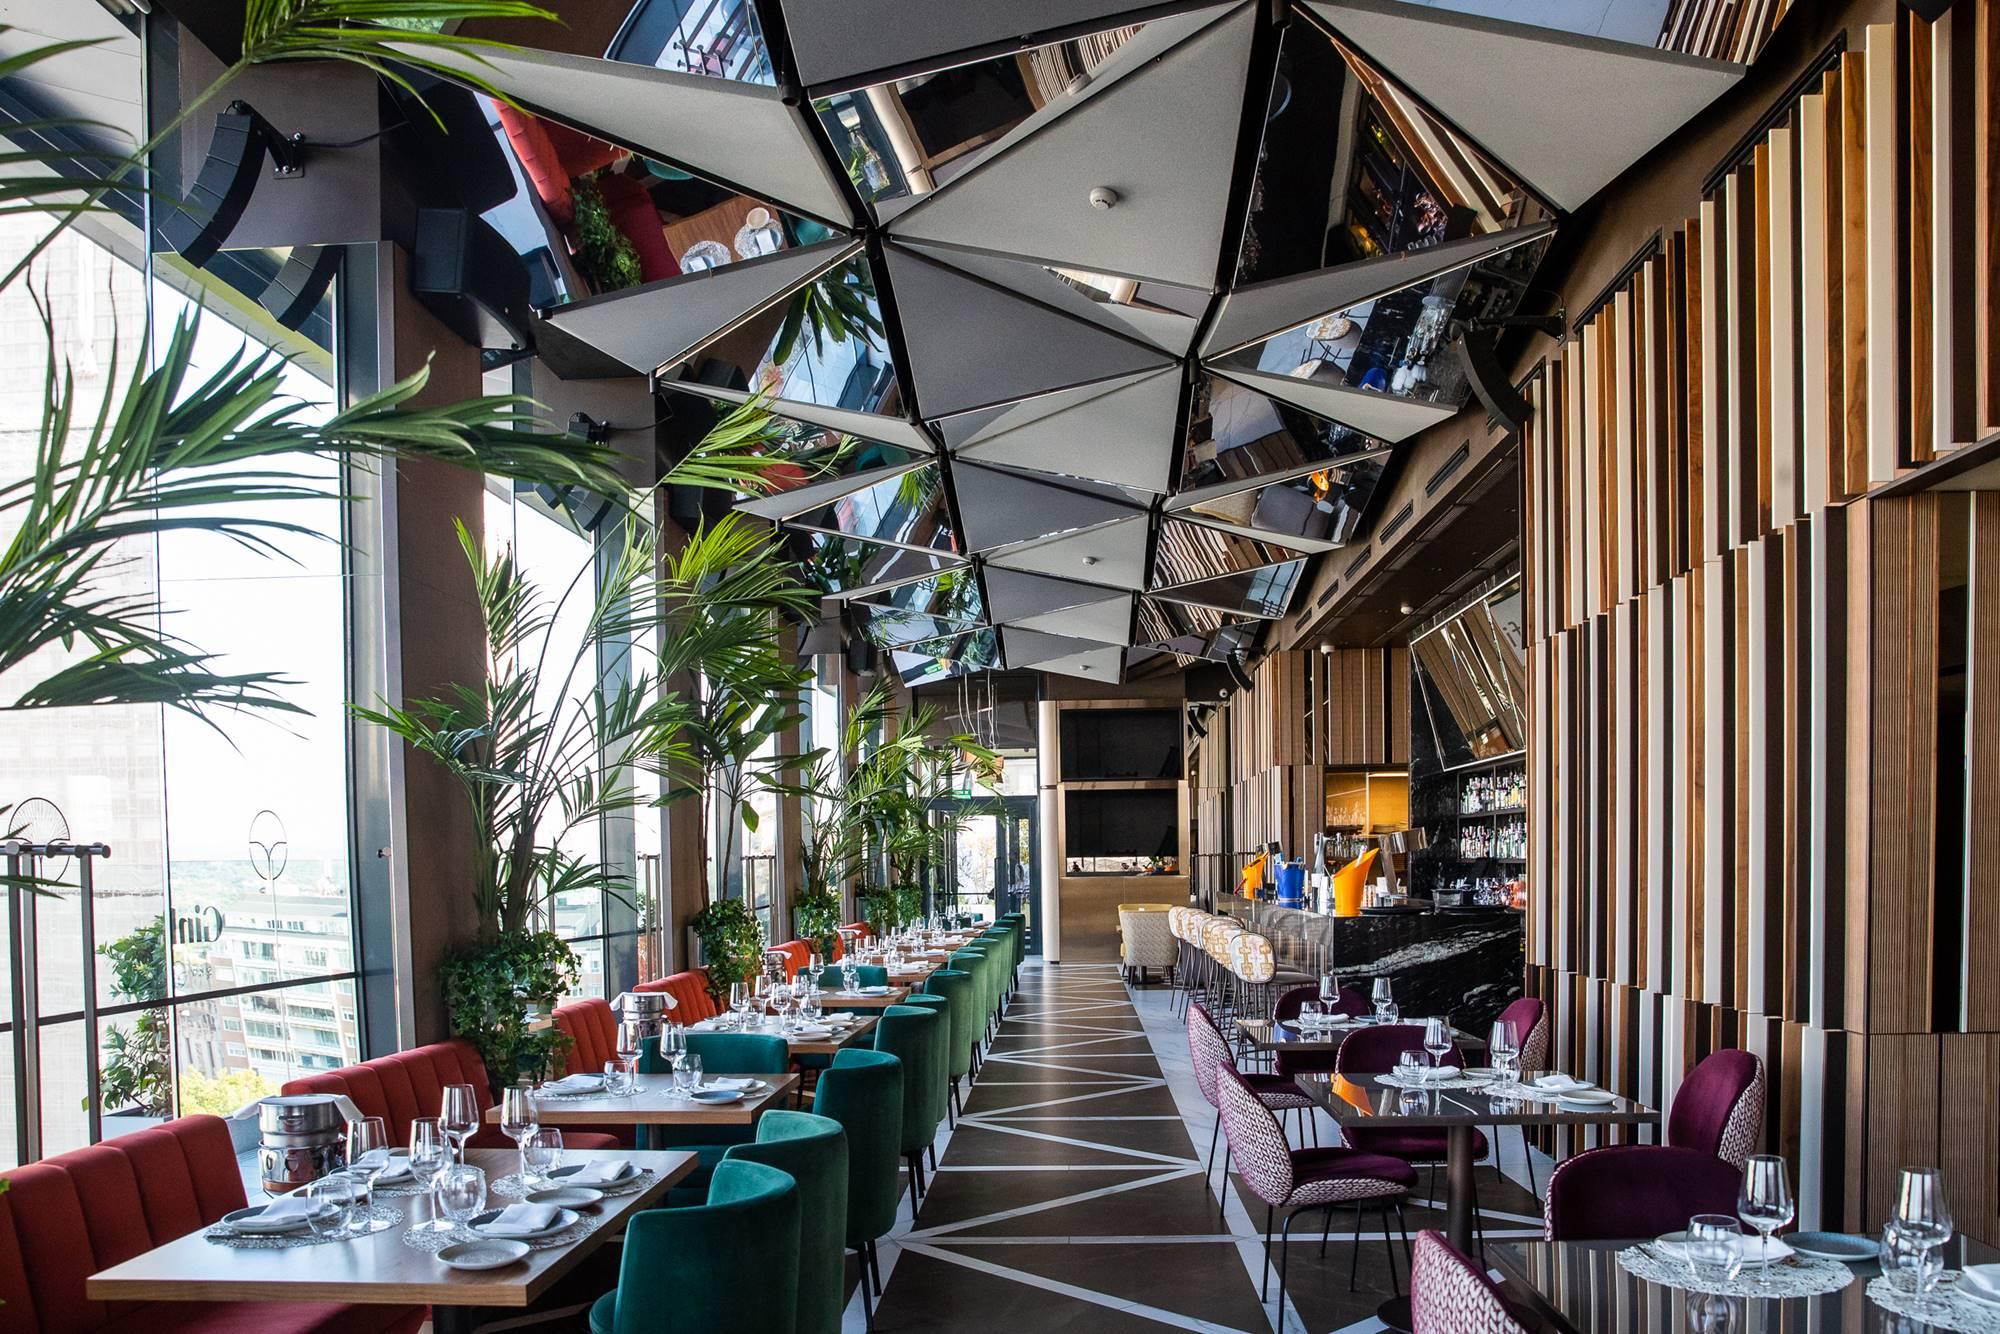 El diseño del 'sky bar' corre de la cuenta del Studio Gronda, que ha firmado locales como el 'Tatel Miami' o el 'Zela Ibiza'.